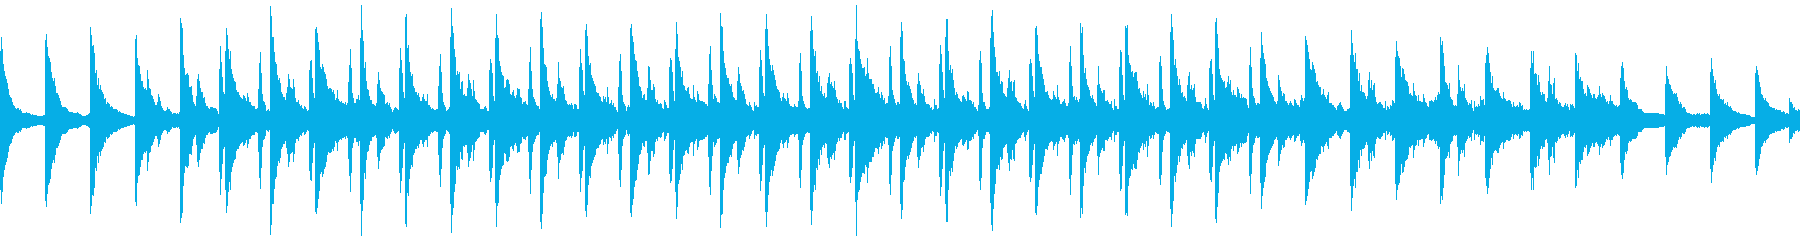 夕暮れの坂道 Lofi/Vlog/ループの再生済みの波形